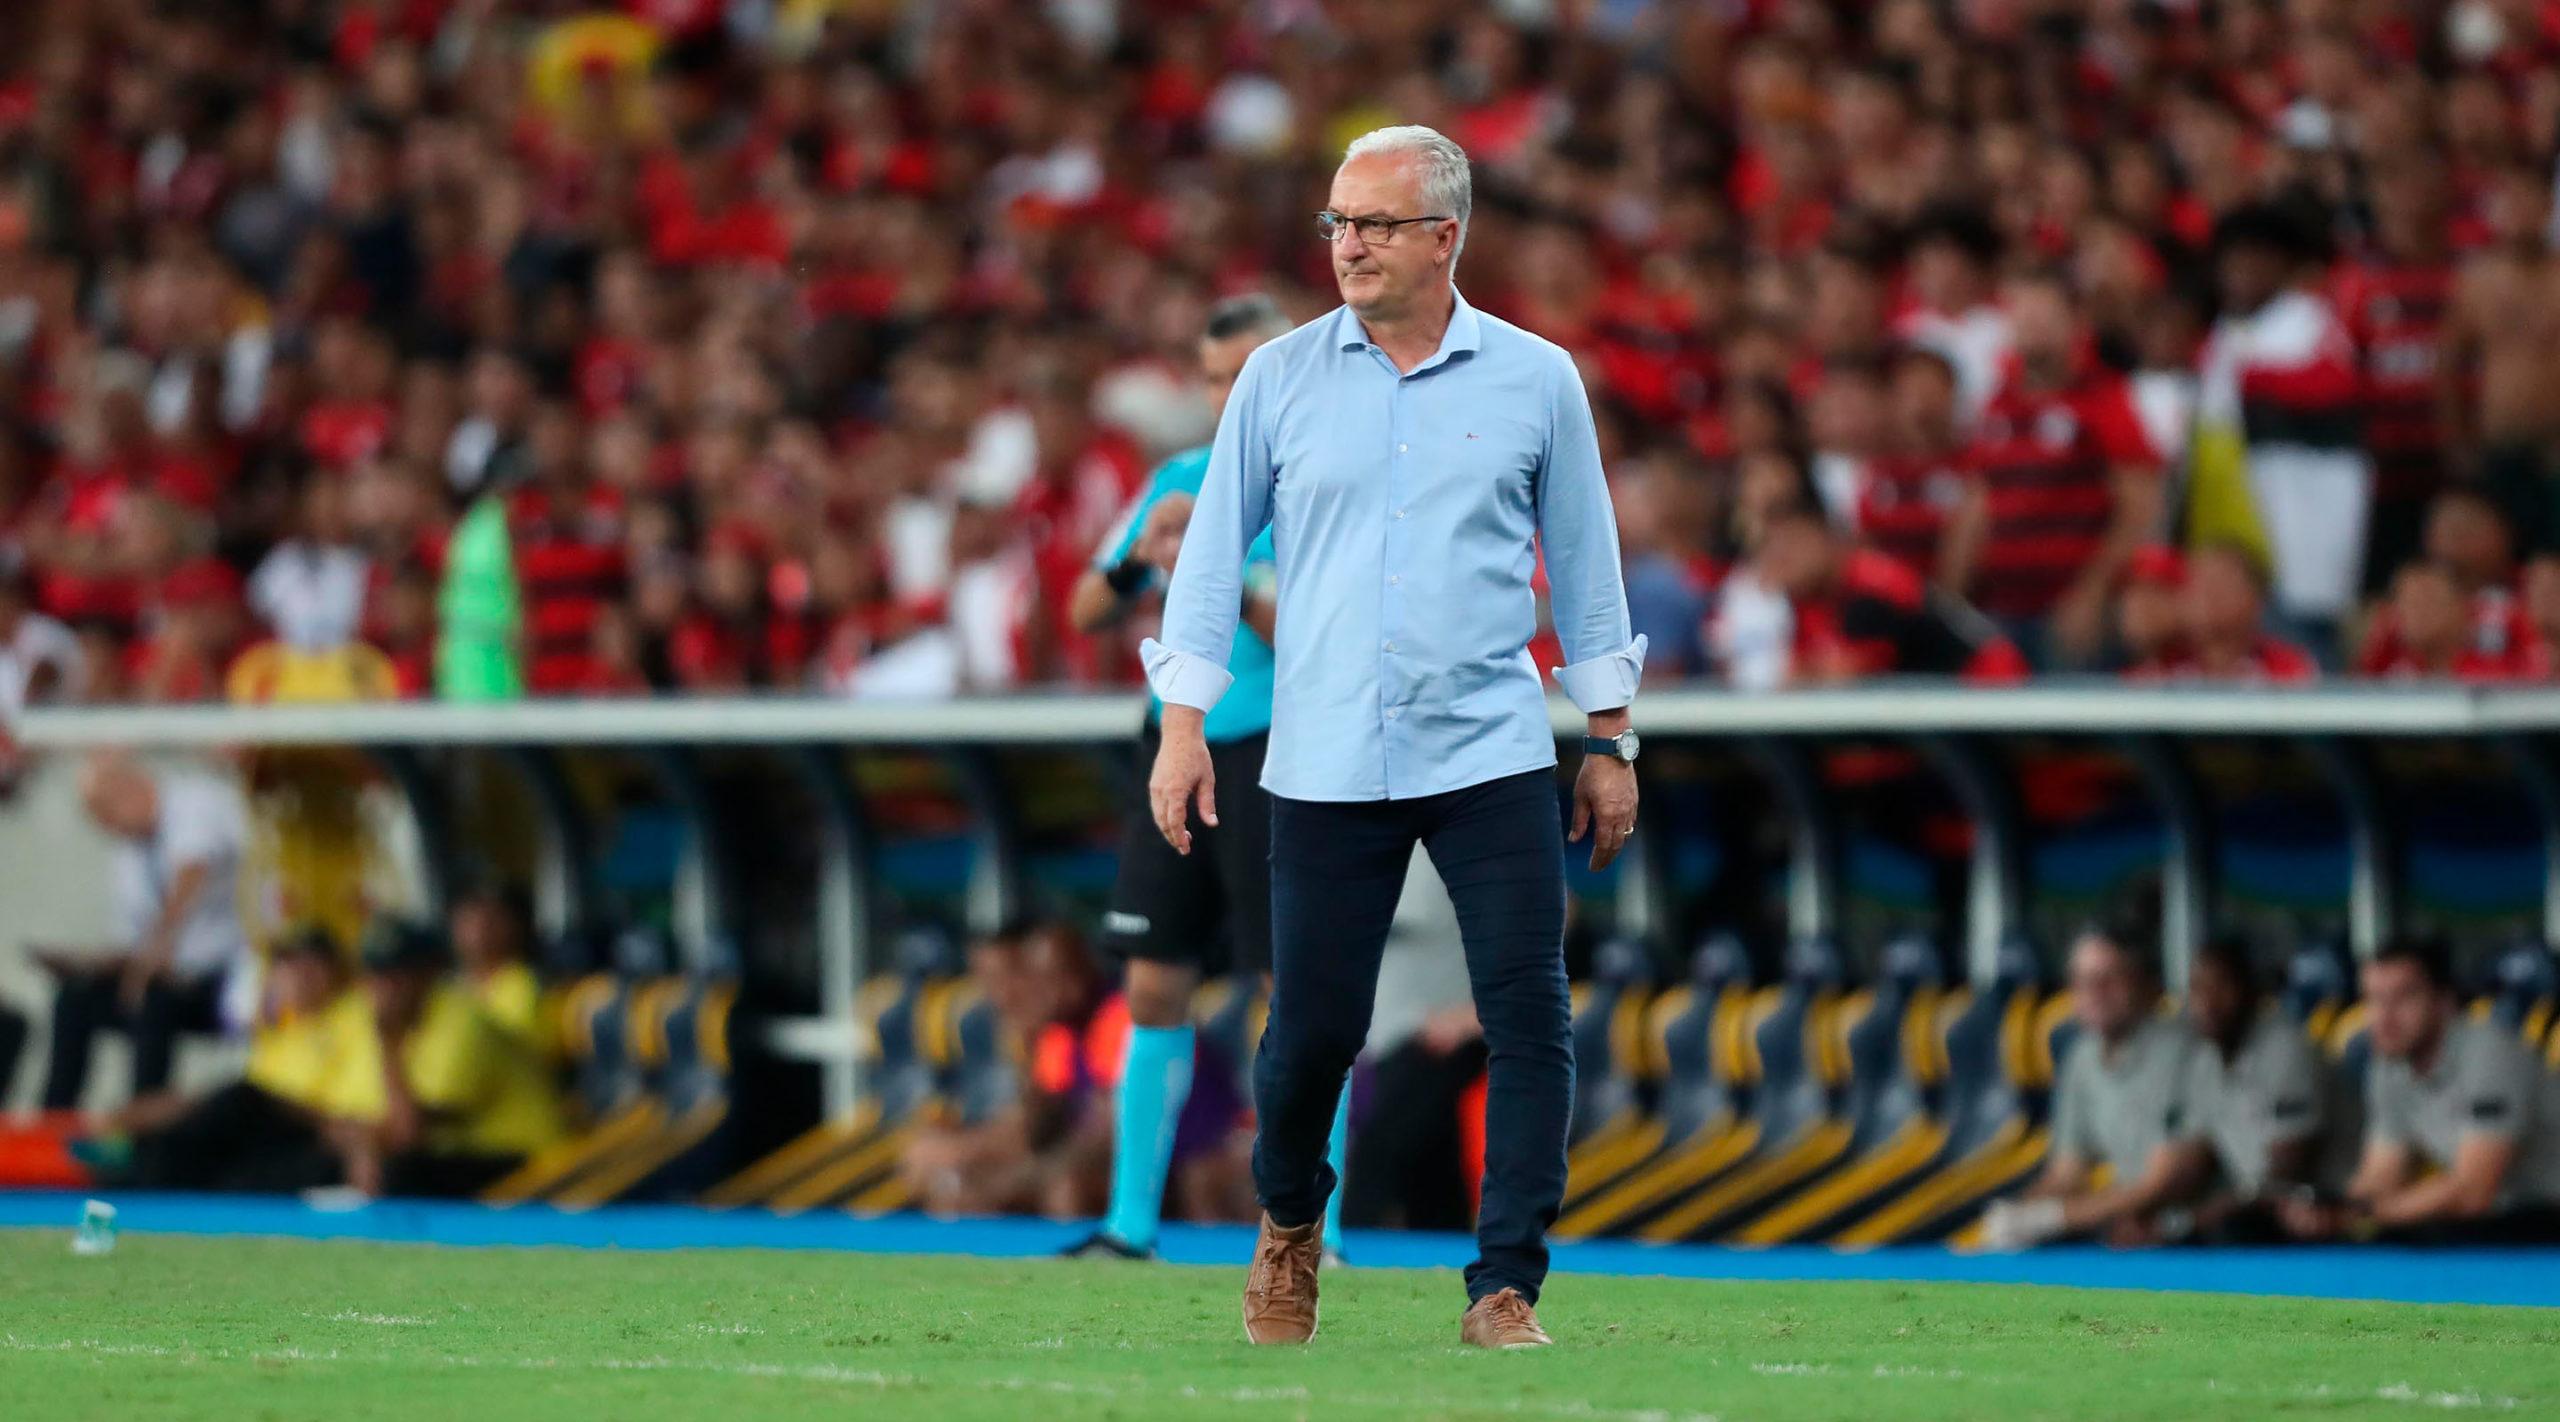 Com Covid-19, Dorival Júnior não estará na Vila no jogo contra o Santos